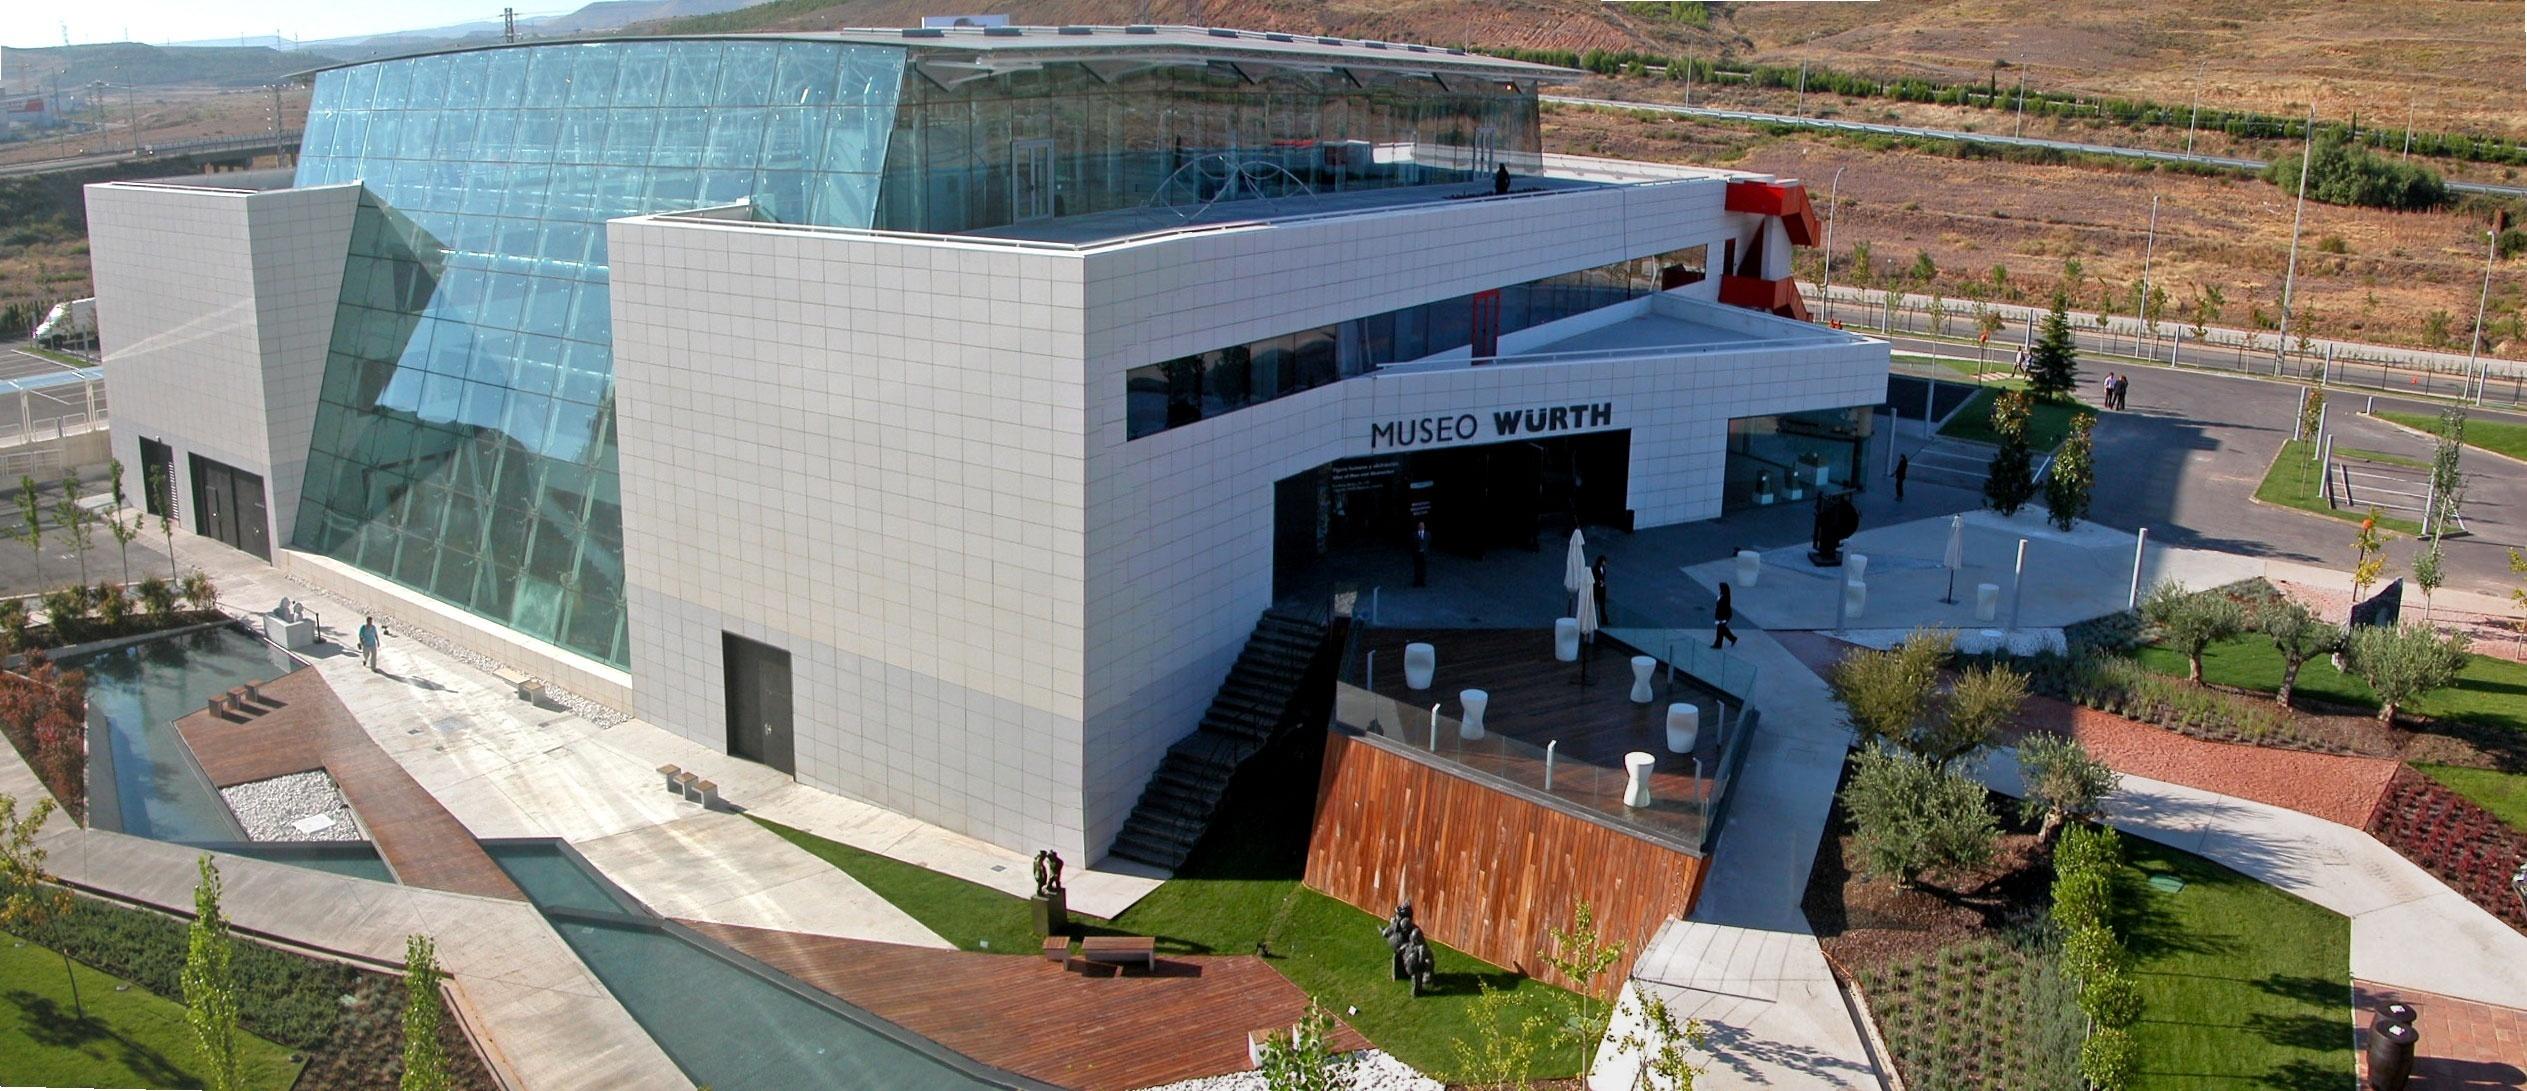 El Museo Würth de La Rioja plantea a los visitantes que elijan obras y artistas para exponer en su atrio principal